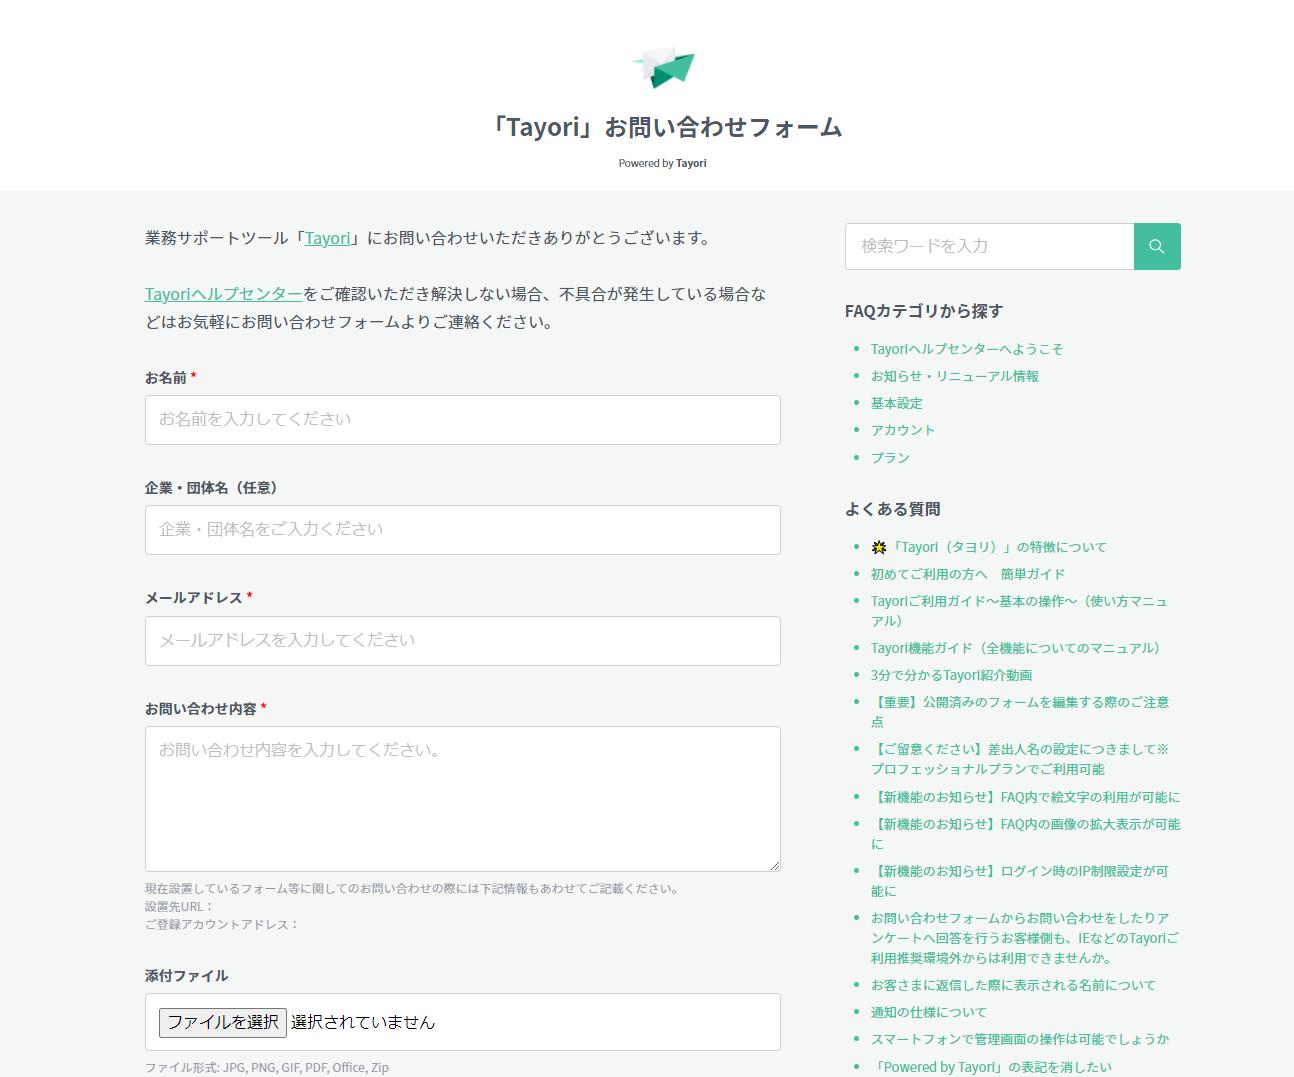 Tayoriのお問い合わせフォーム